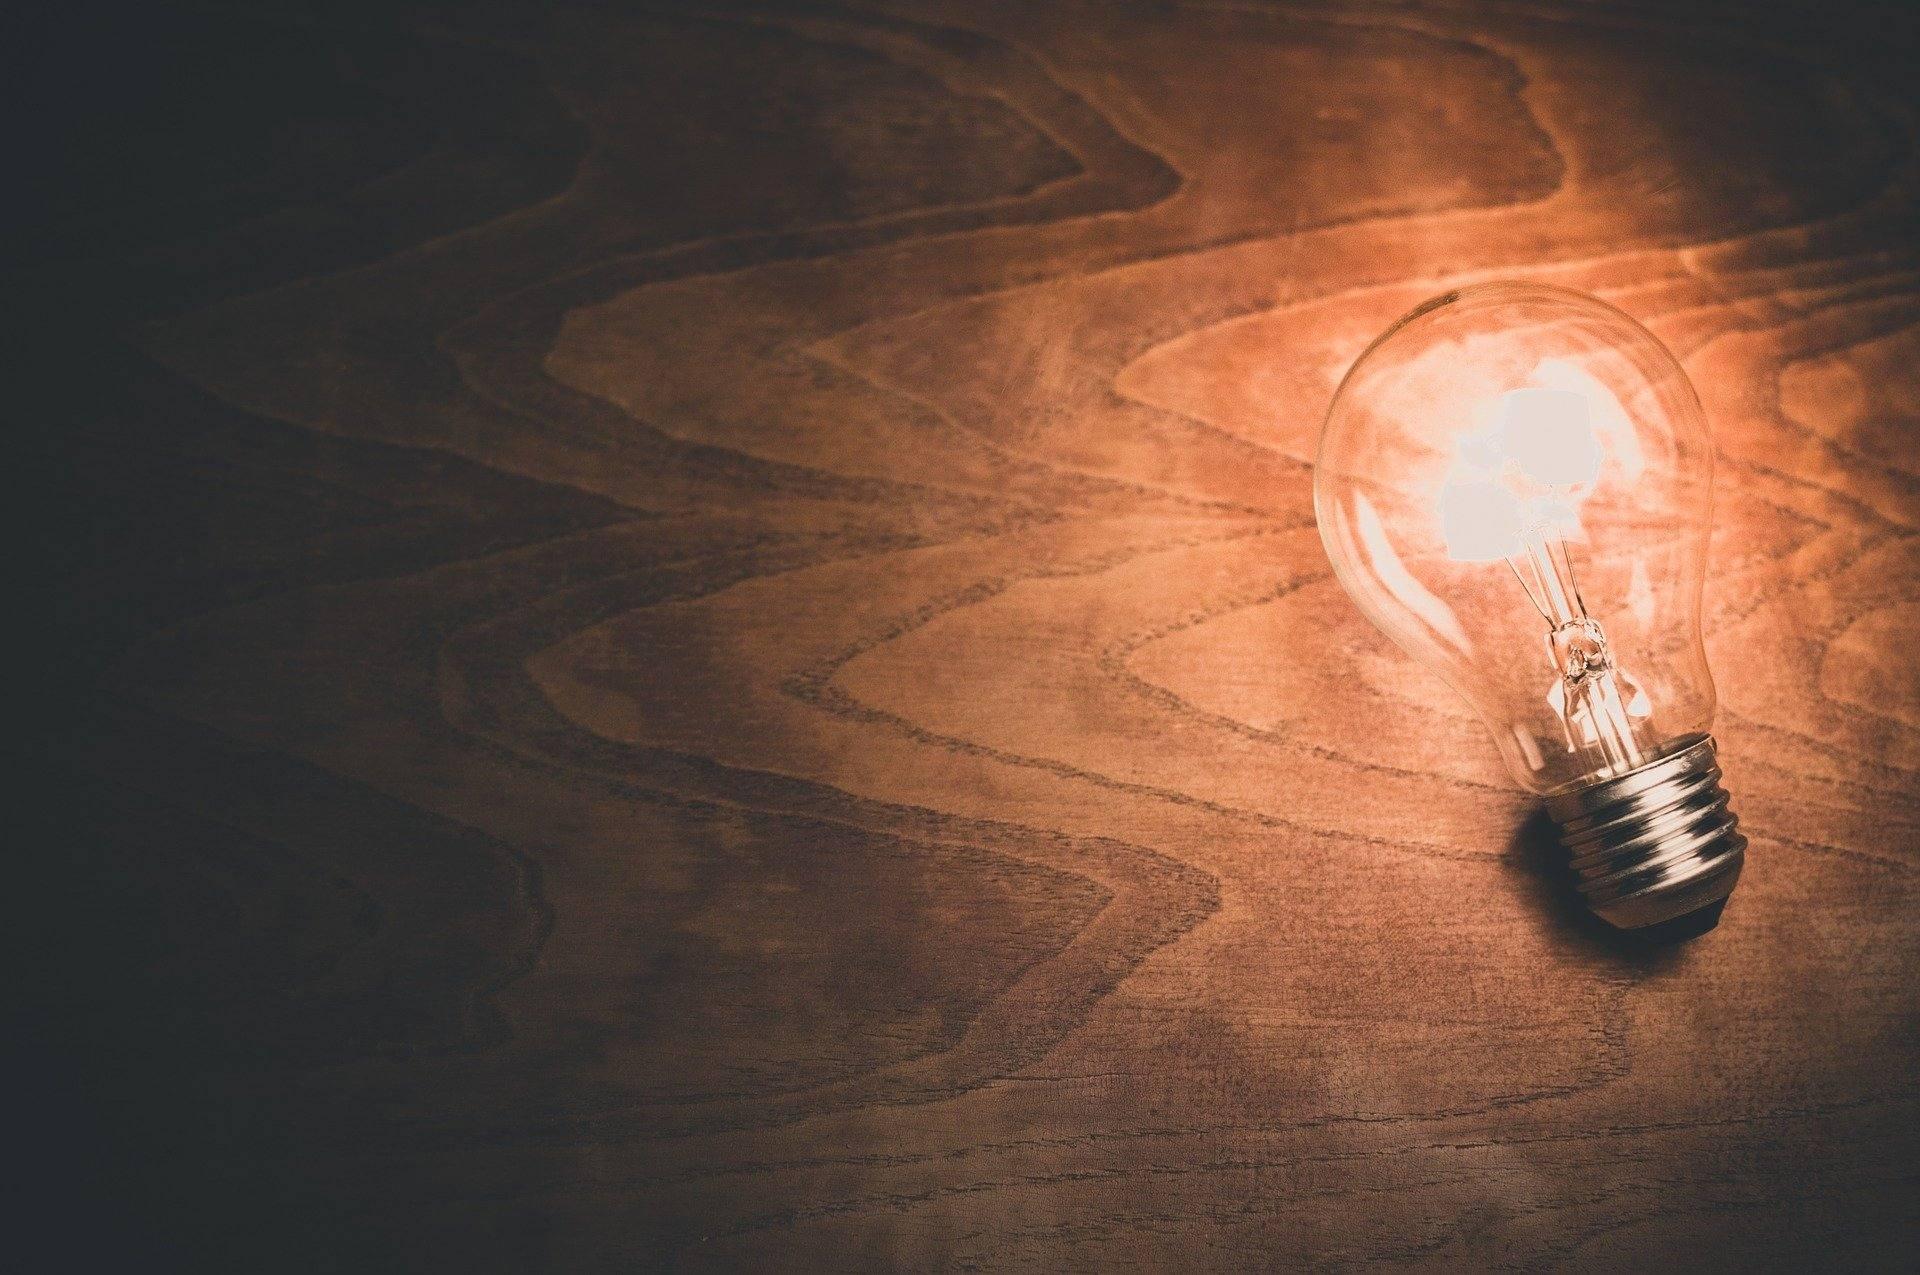 Lâmpada acesa representando empreendedorismo e inovação